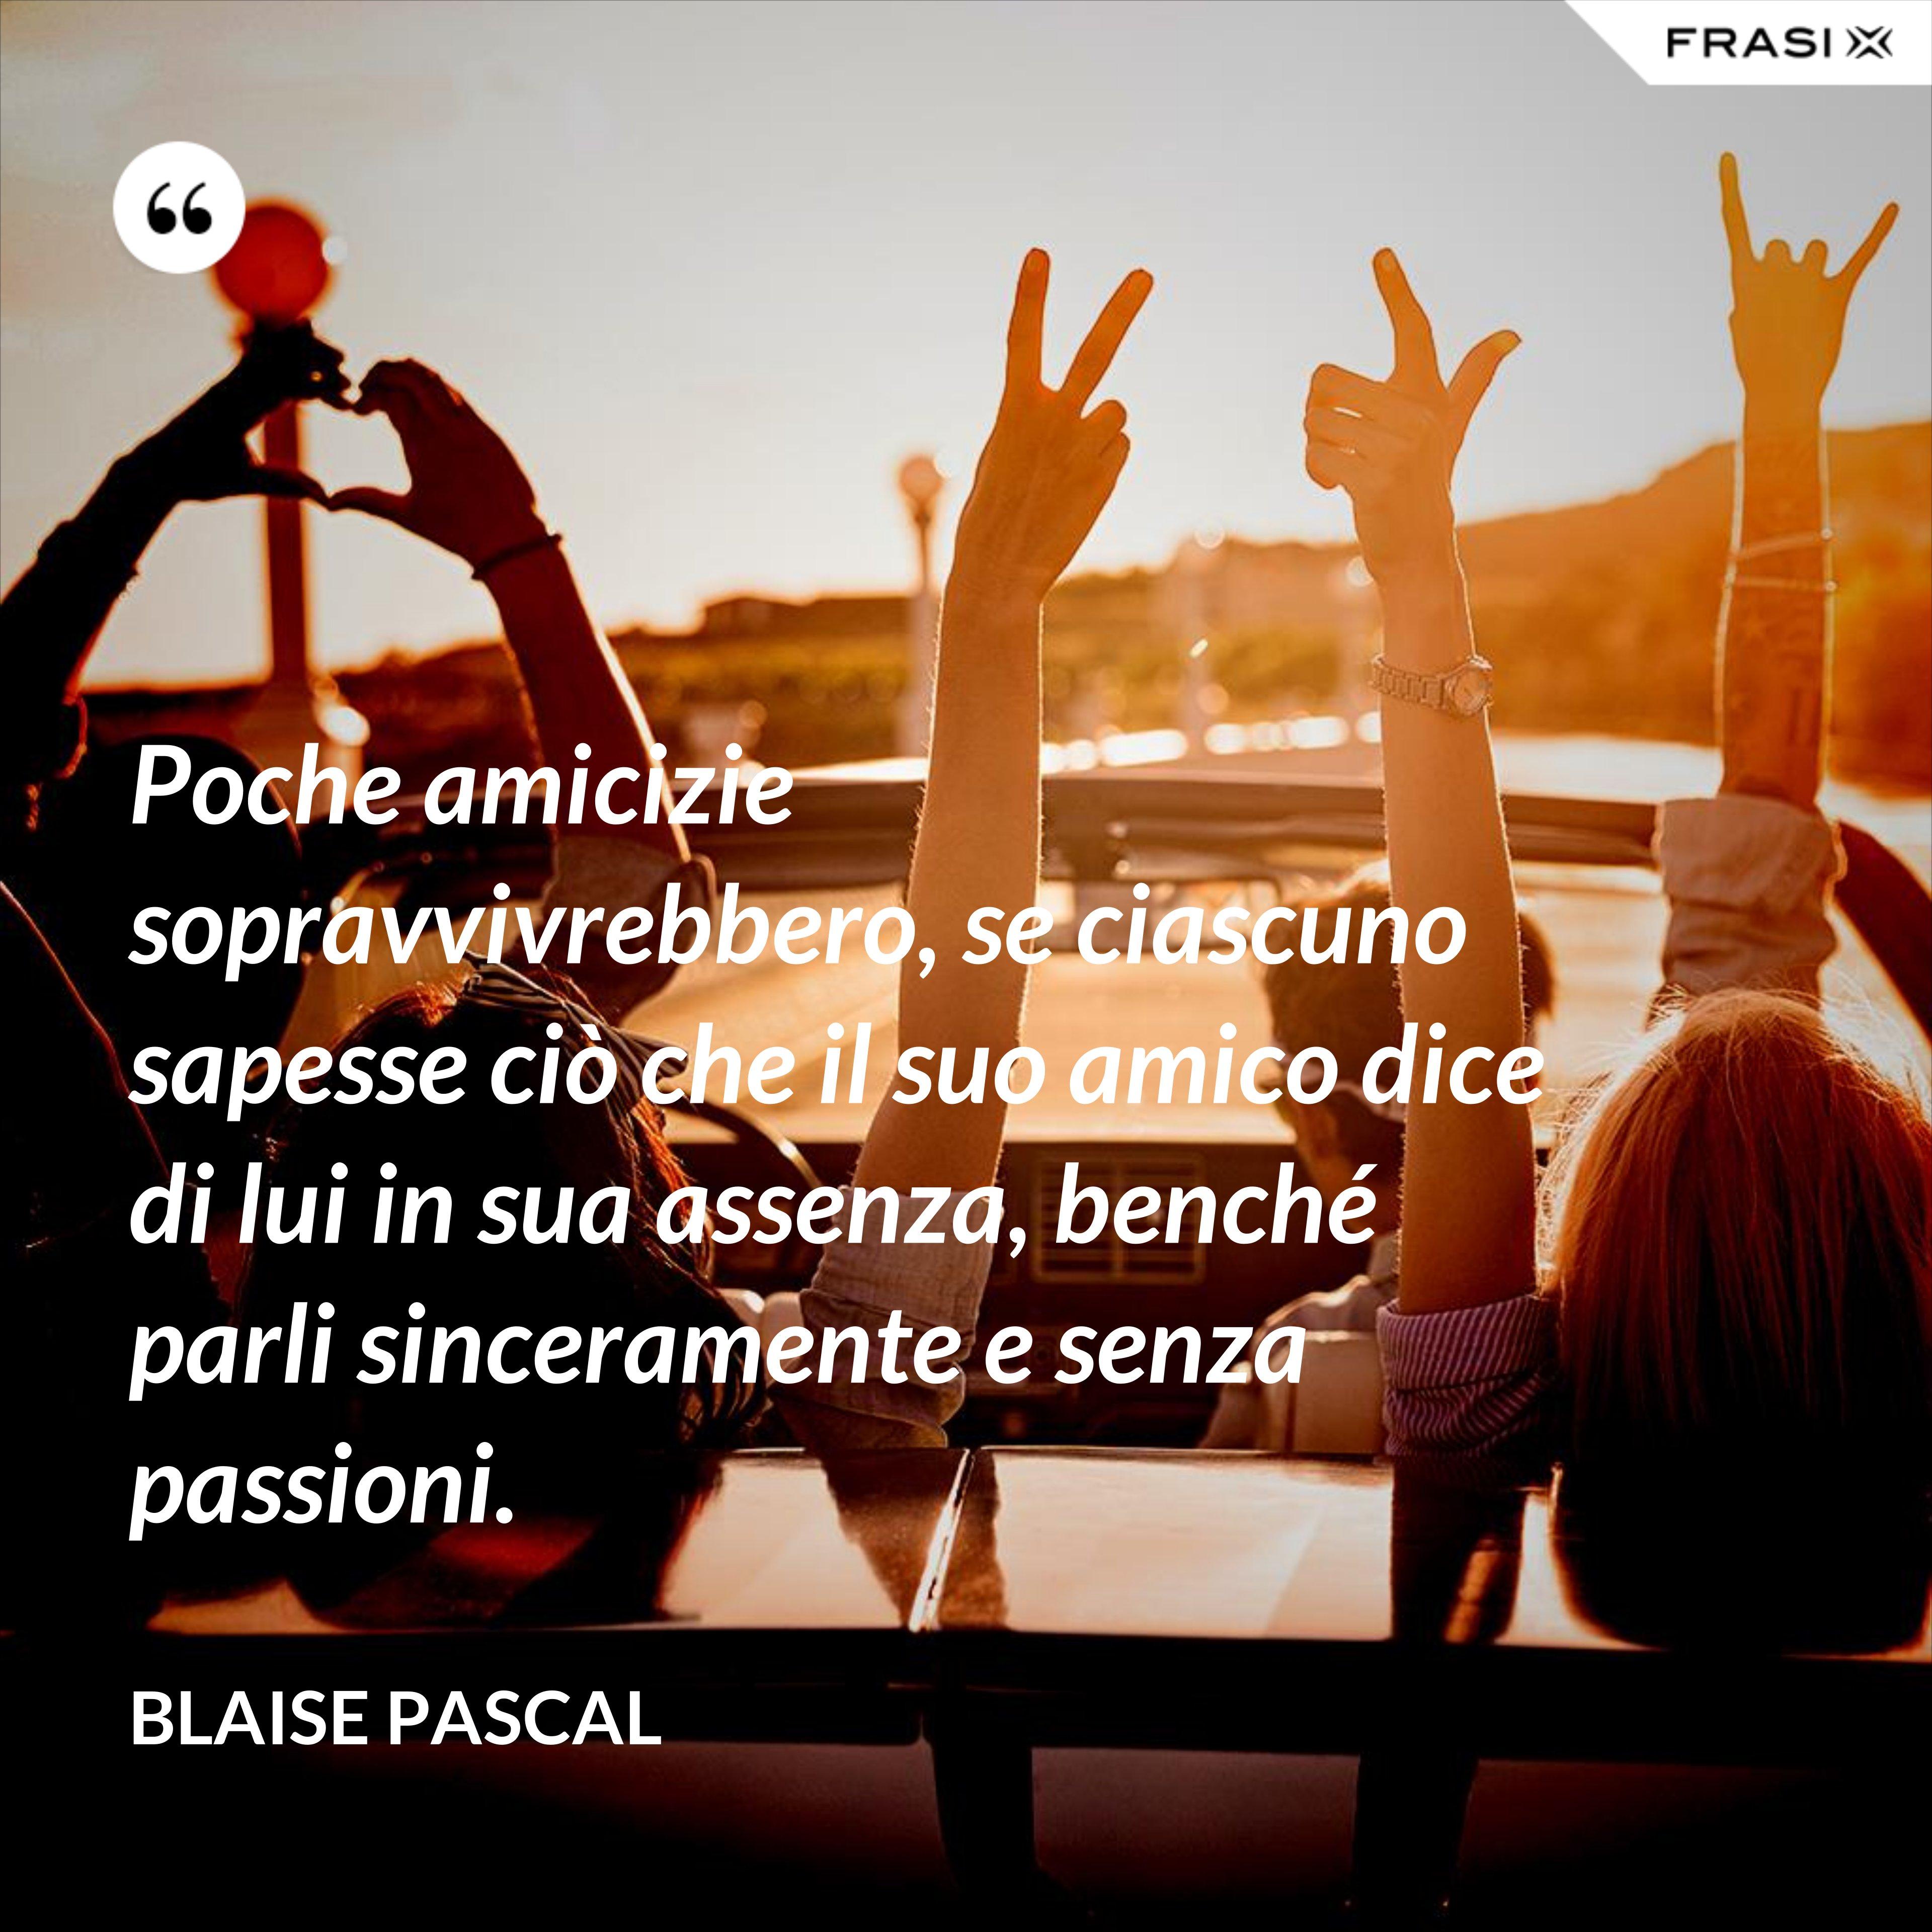 Poche amicizie sopravvivrebbero, se ciascuno sapesse ciò che il suo amico dice di lui in sua assenza, benché parli sinceramente e senza passioni. - Blaise Pascal